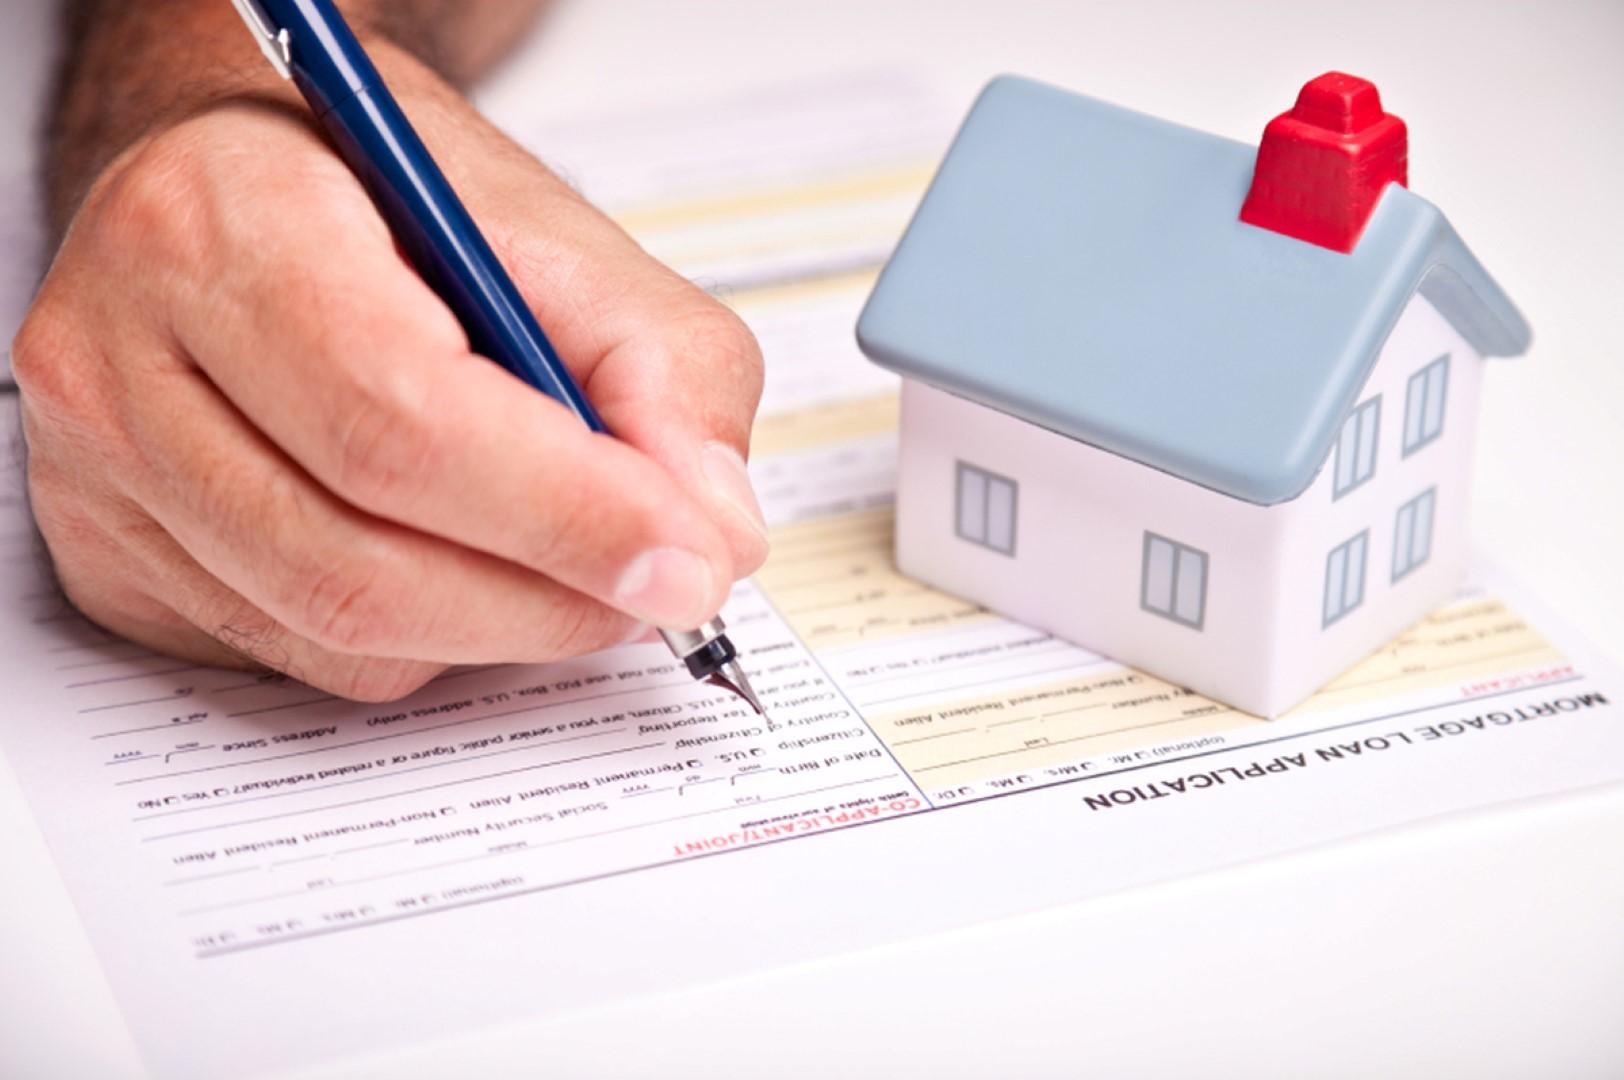 Нужно ли регистрировать бессрочный договор аренды